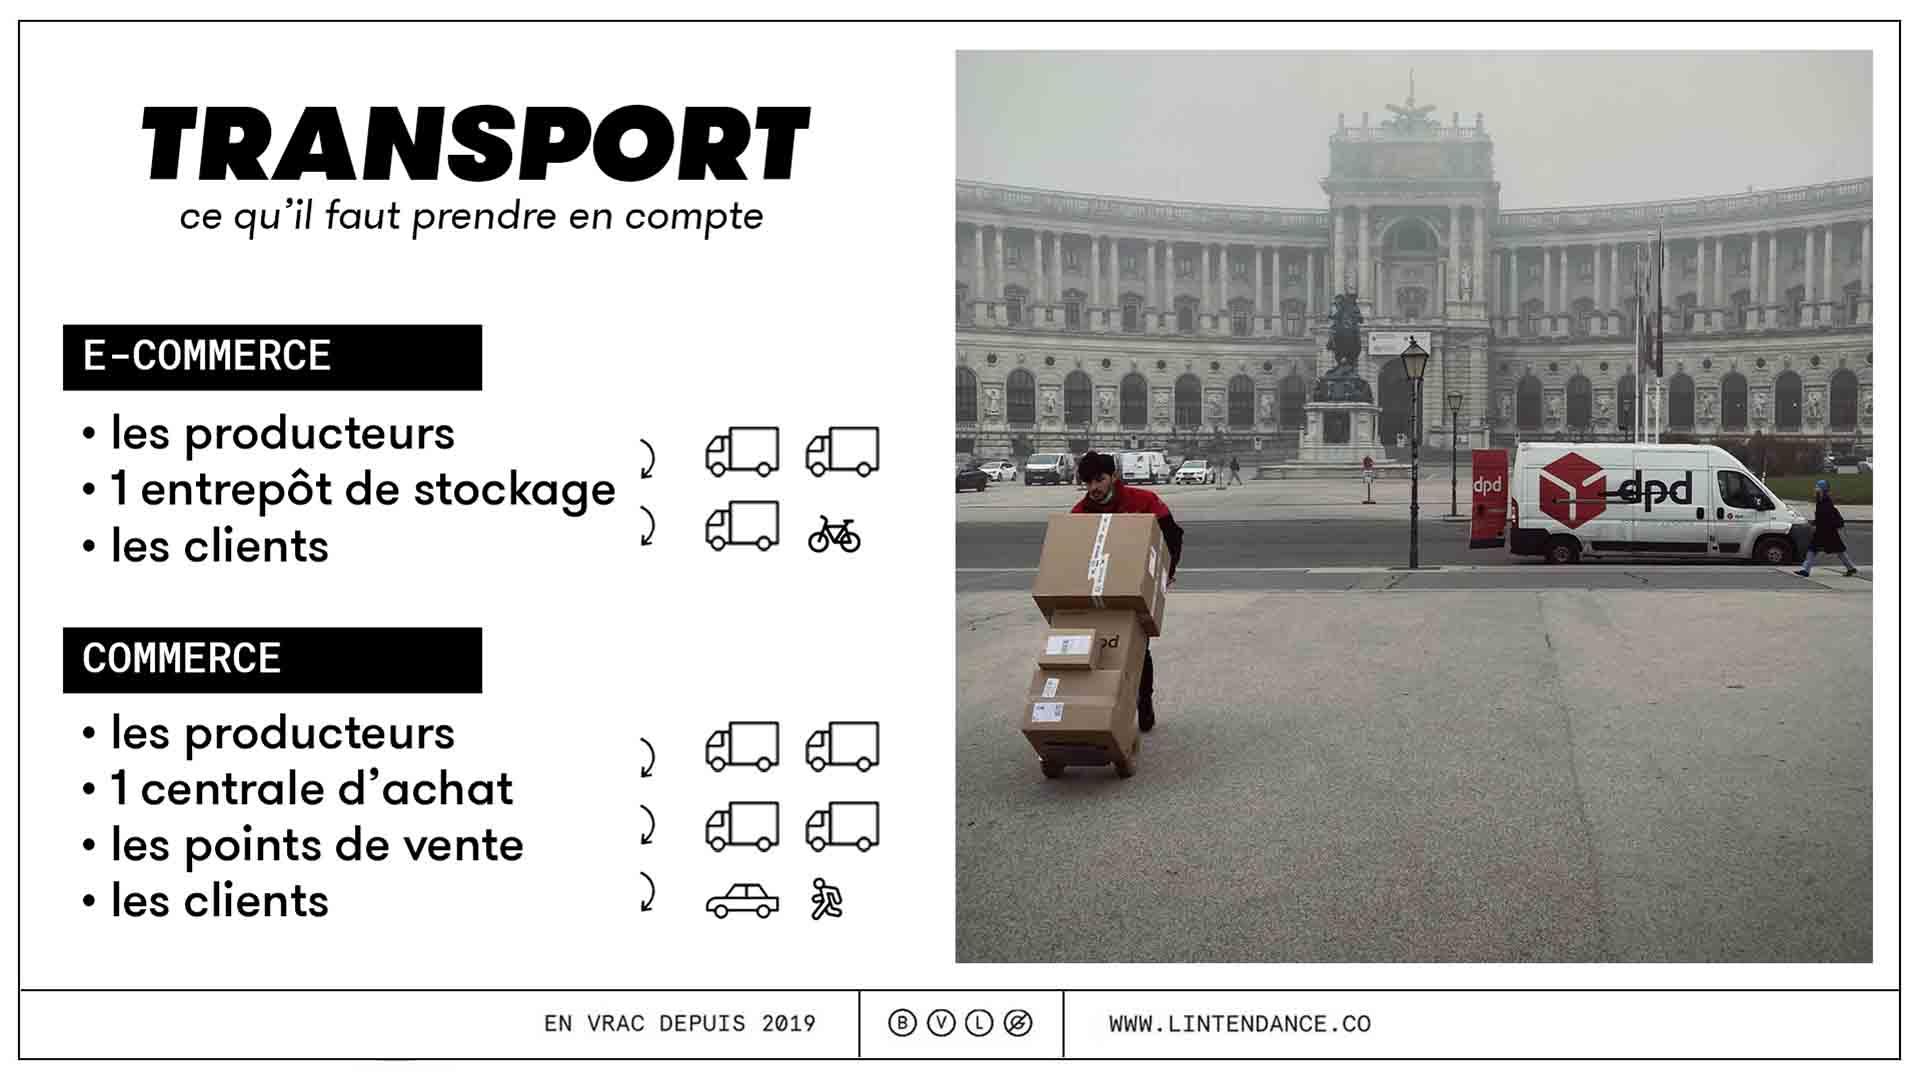 Courses en ligne courses en magasin impact écologique transport